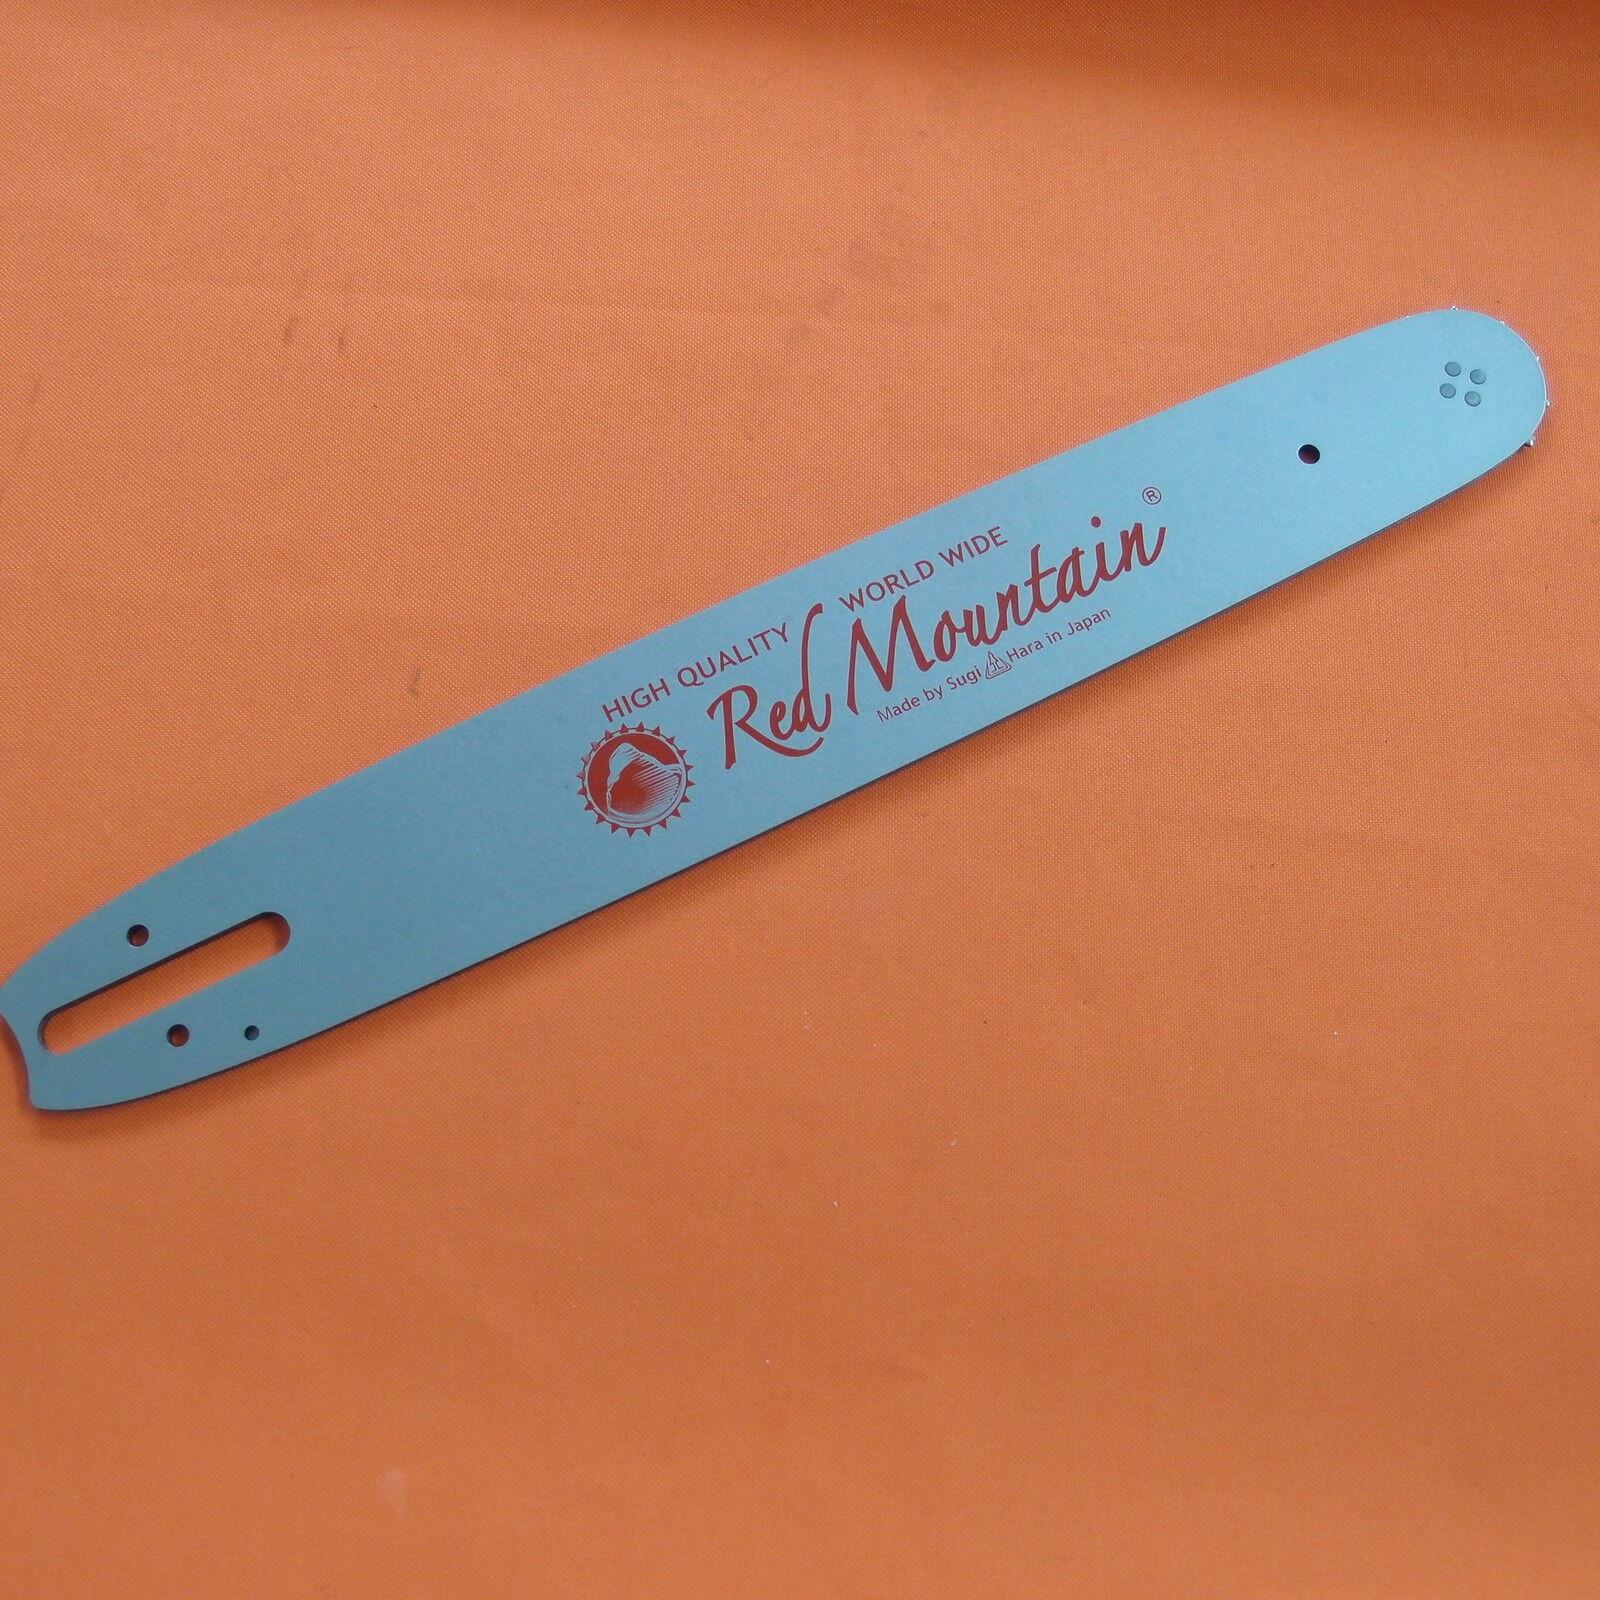 40cm Sugihara Sugihara Sugihara Schwert laminiert passend für Stihl 3 8  1 6mm 60 Treibglieder 2db231